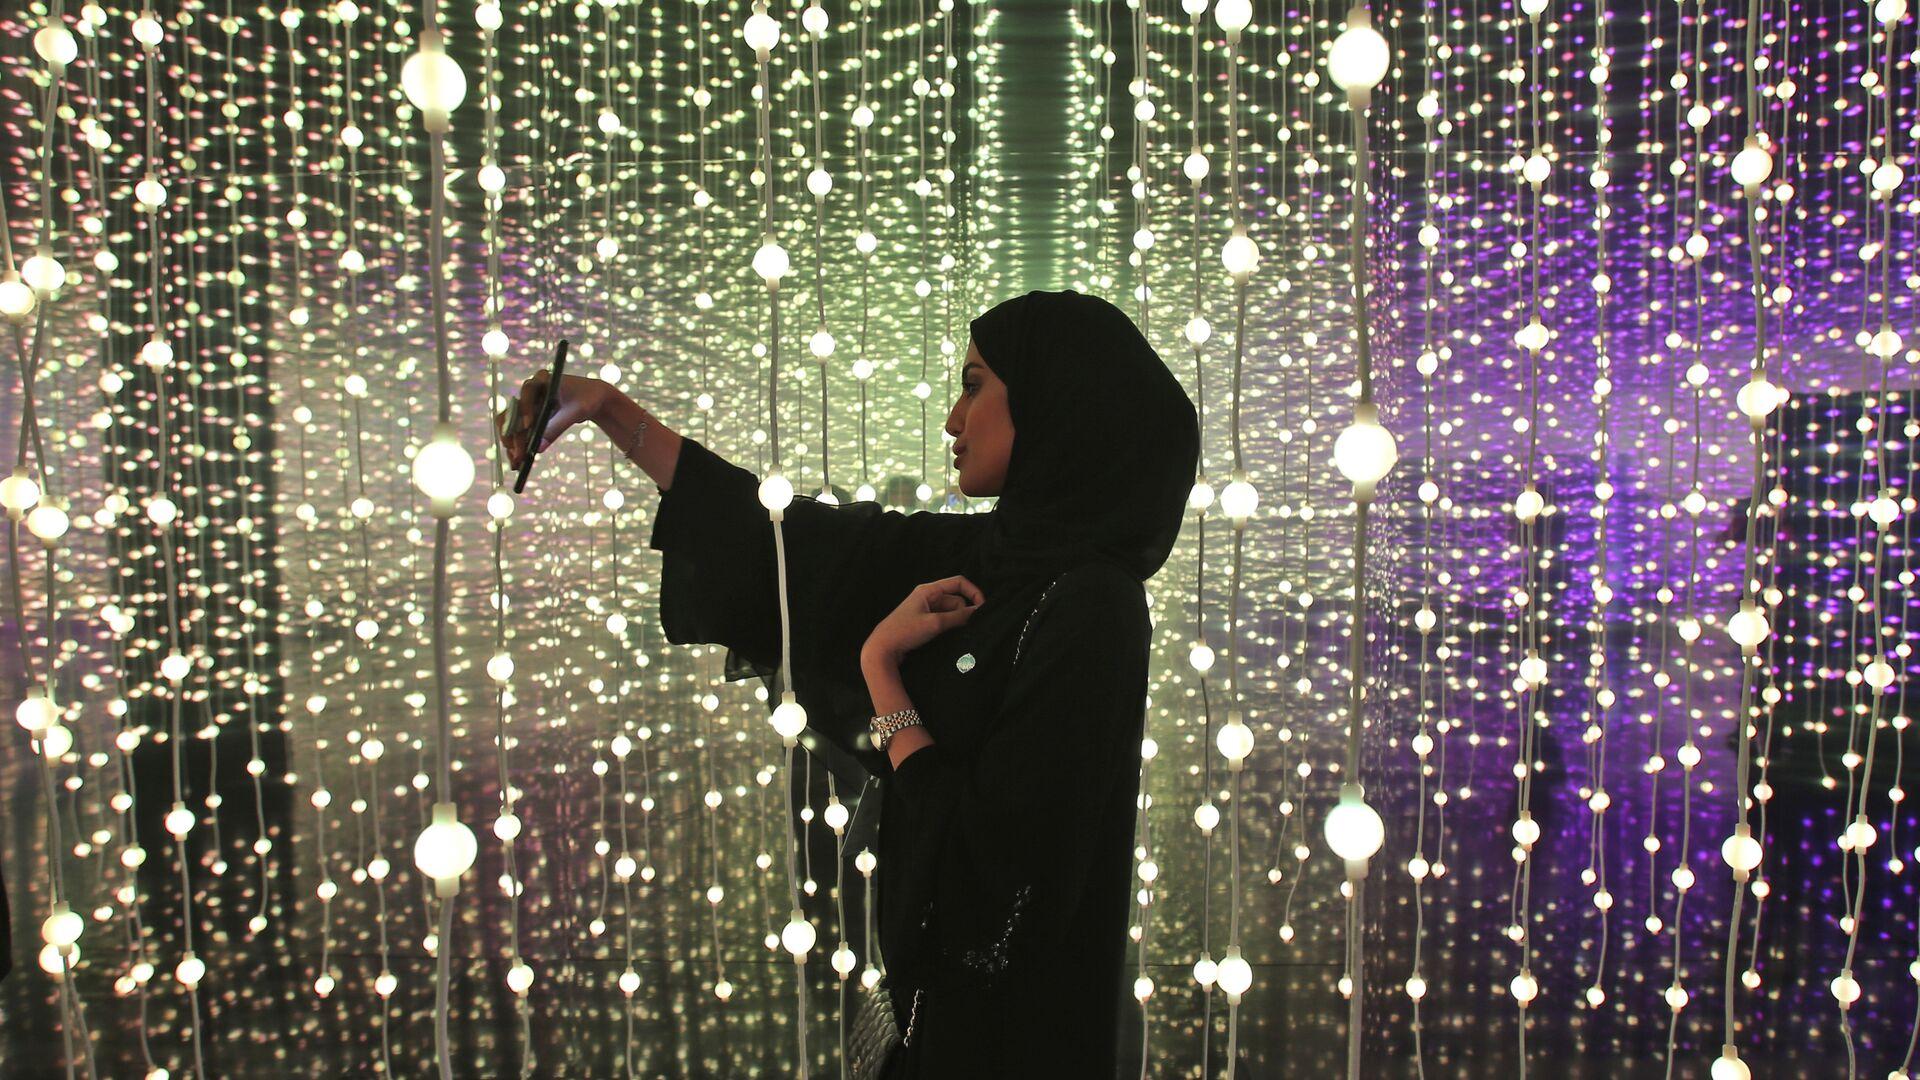 Женщина делает селфи на выставке в Дубае, ОАЭ  - РИА Новости, 1920, 26.10.2020